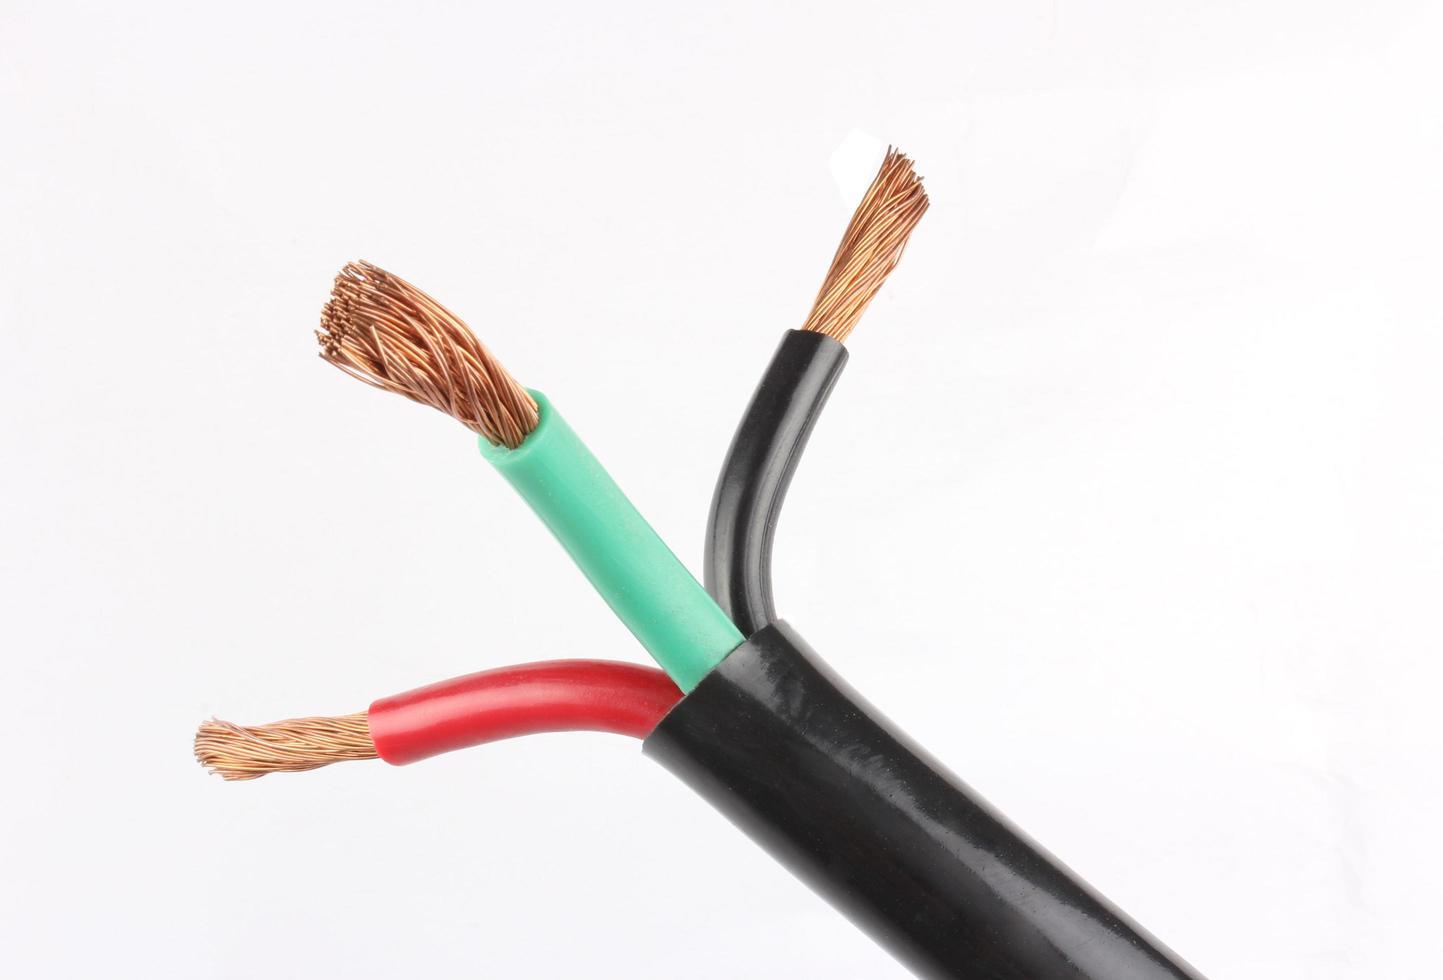 cavo elettrico su sfondo bianco foto